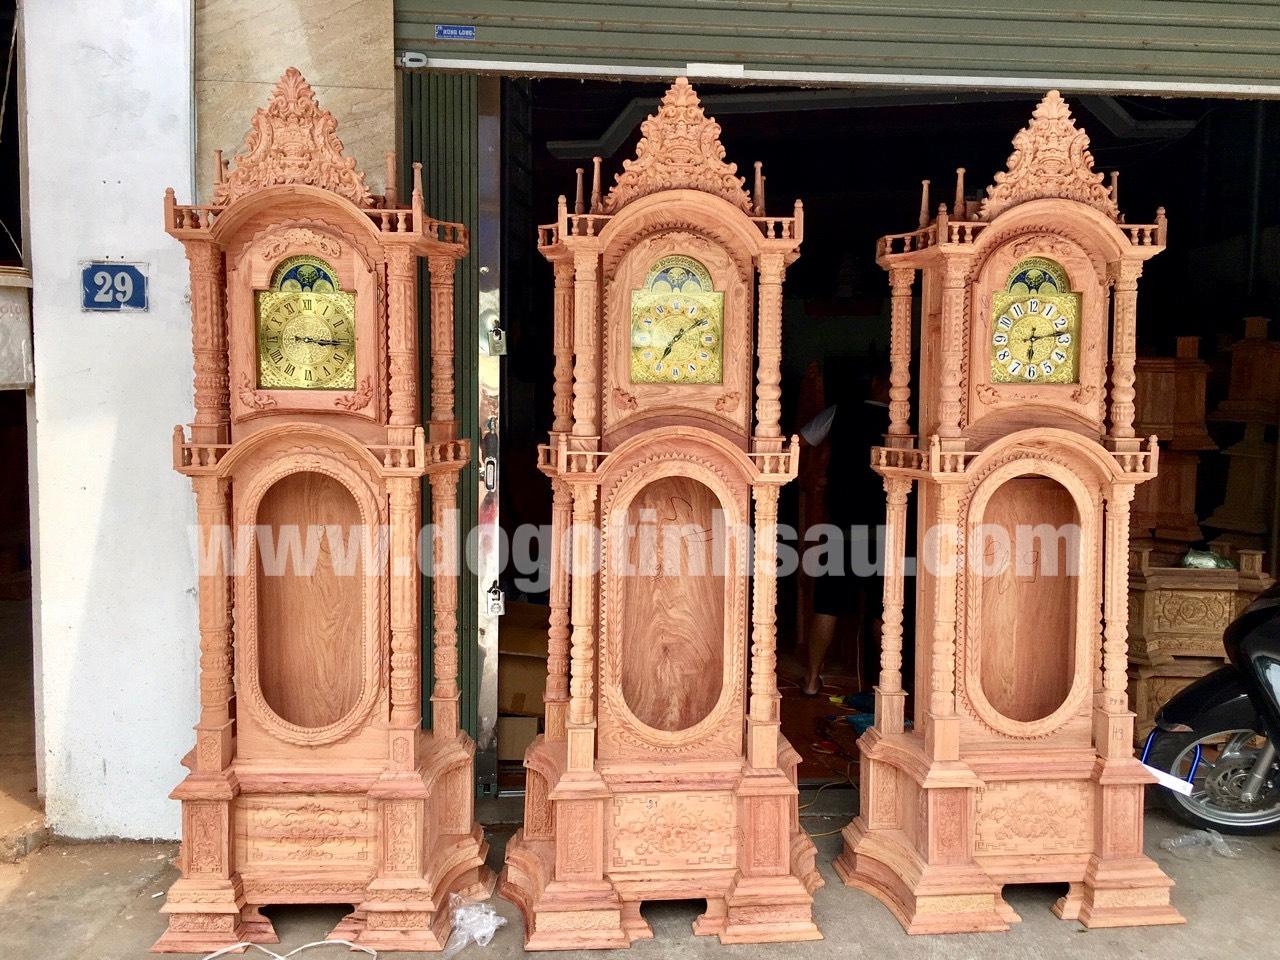 dong ho cay go huong da mau thap tu tru 4 - Đồng hồ cây gỗ hương đá mang lại sự thịnh vượng cho ngôi nhà của bạn